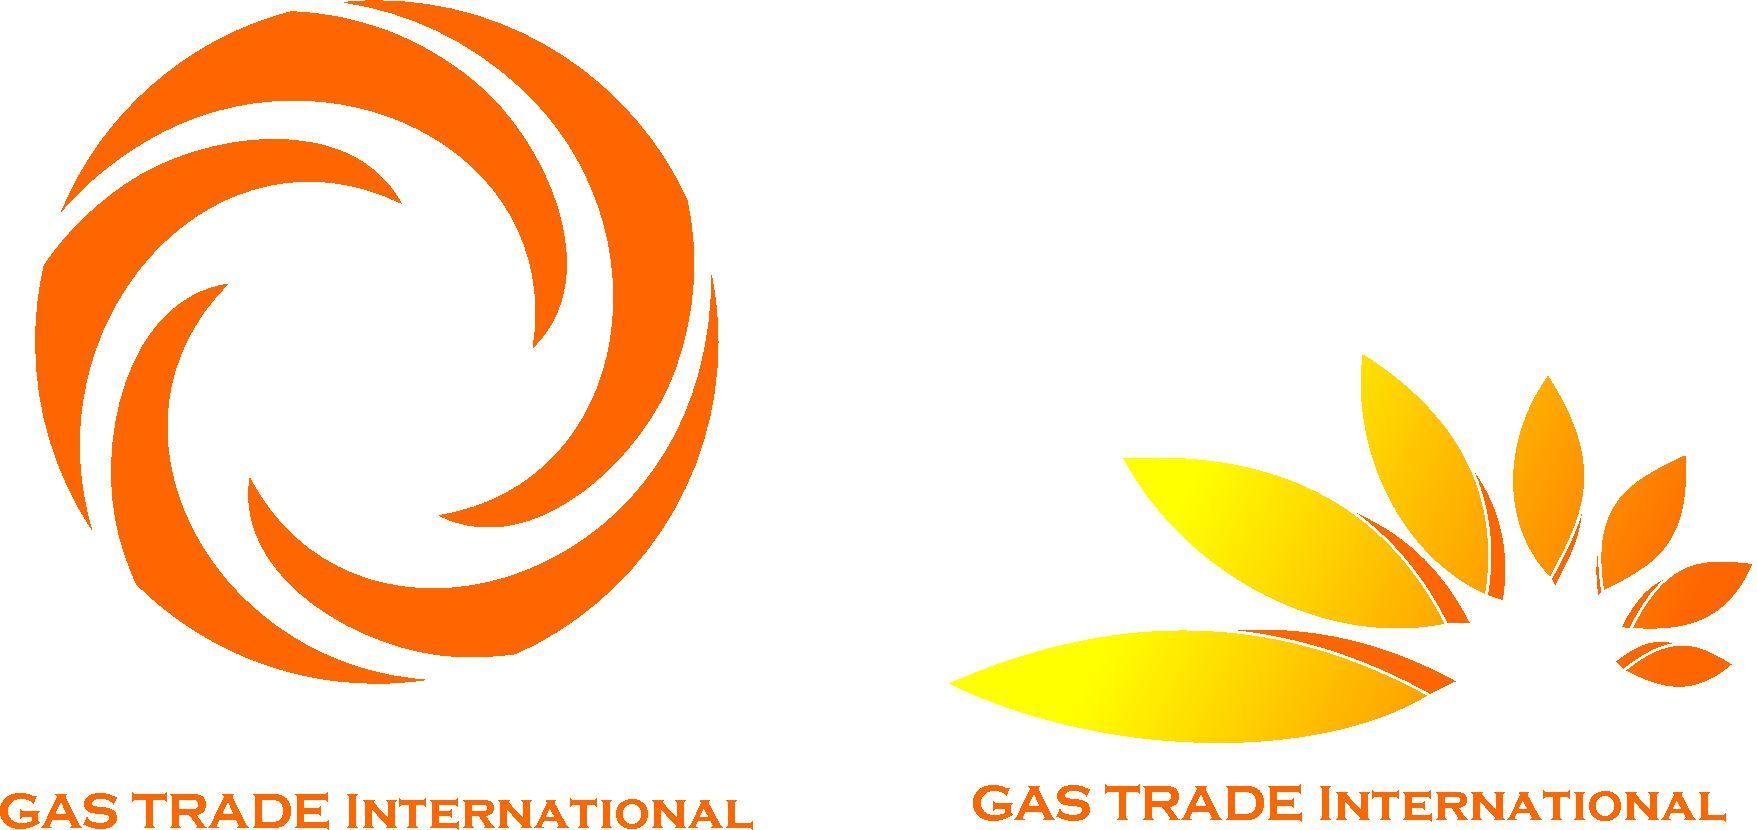 Компания торгующая природным газом - дизайнер Krasivayav